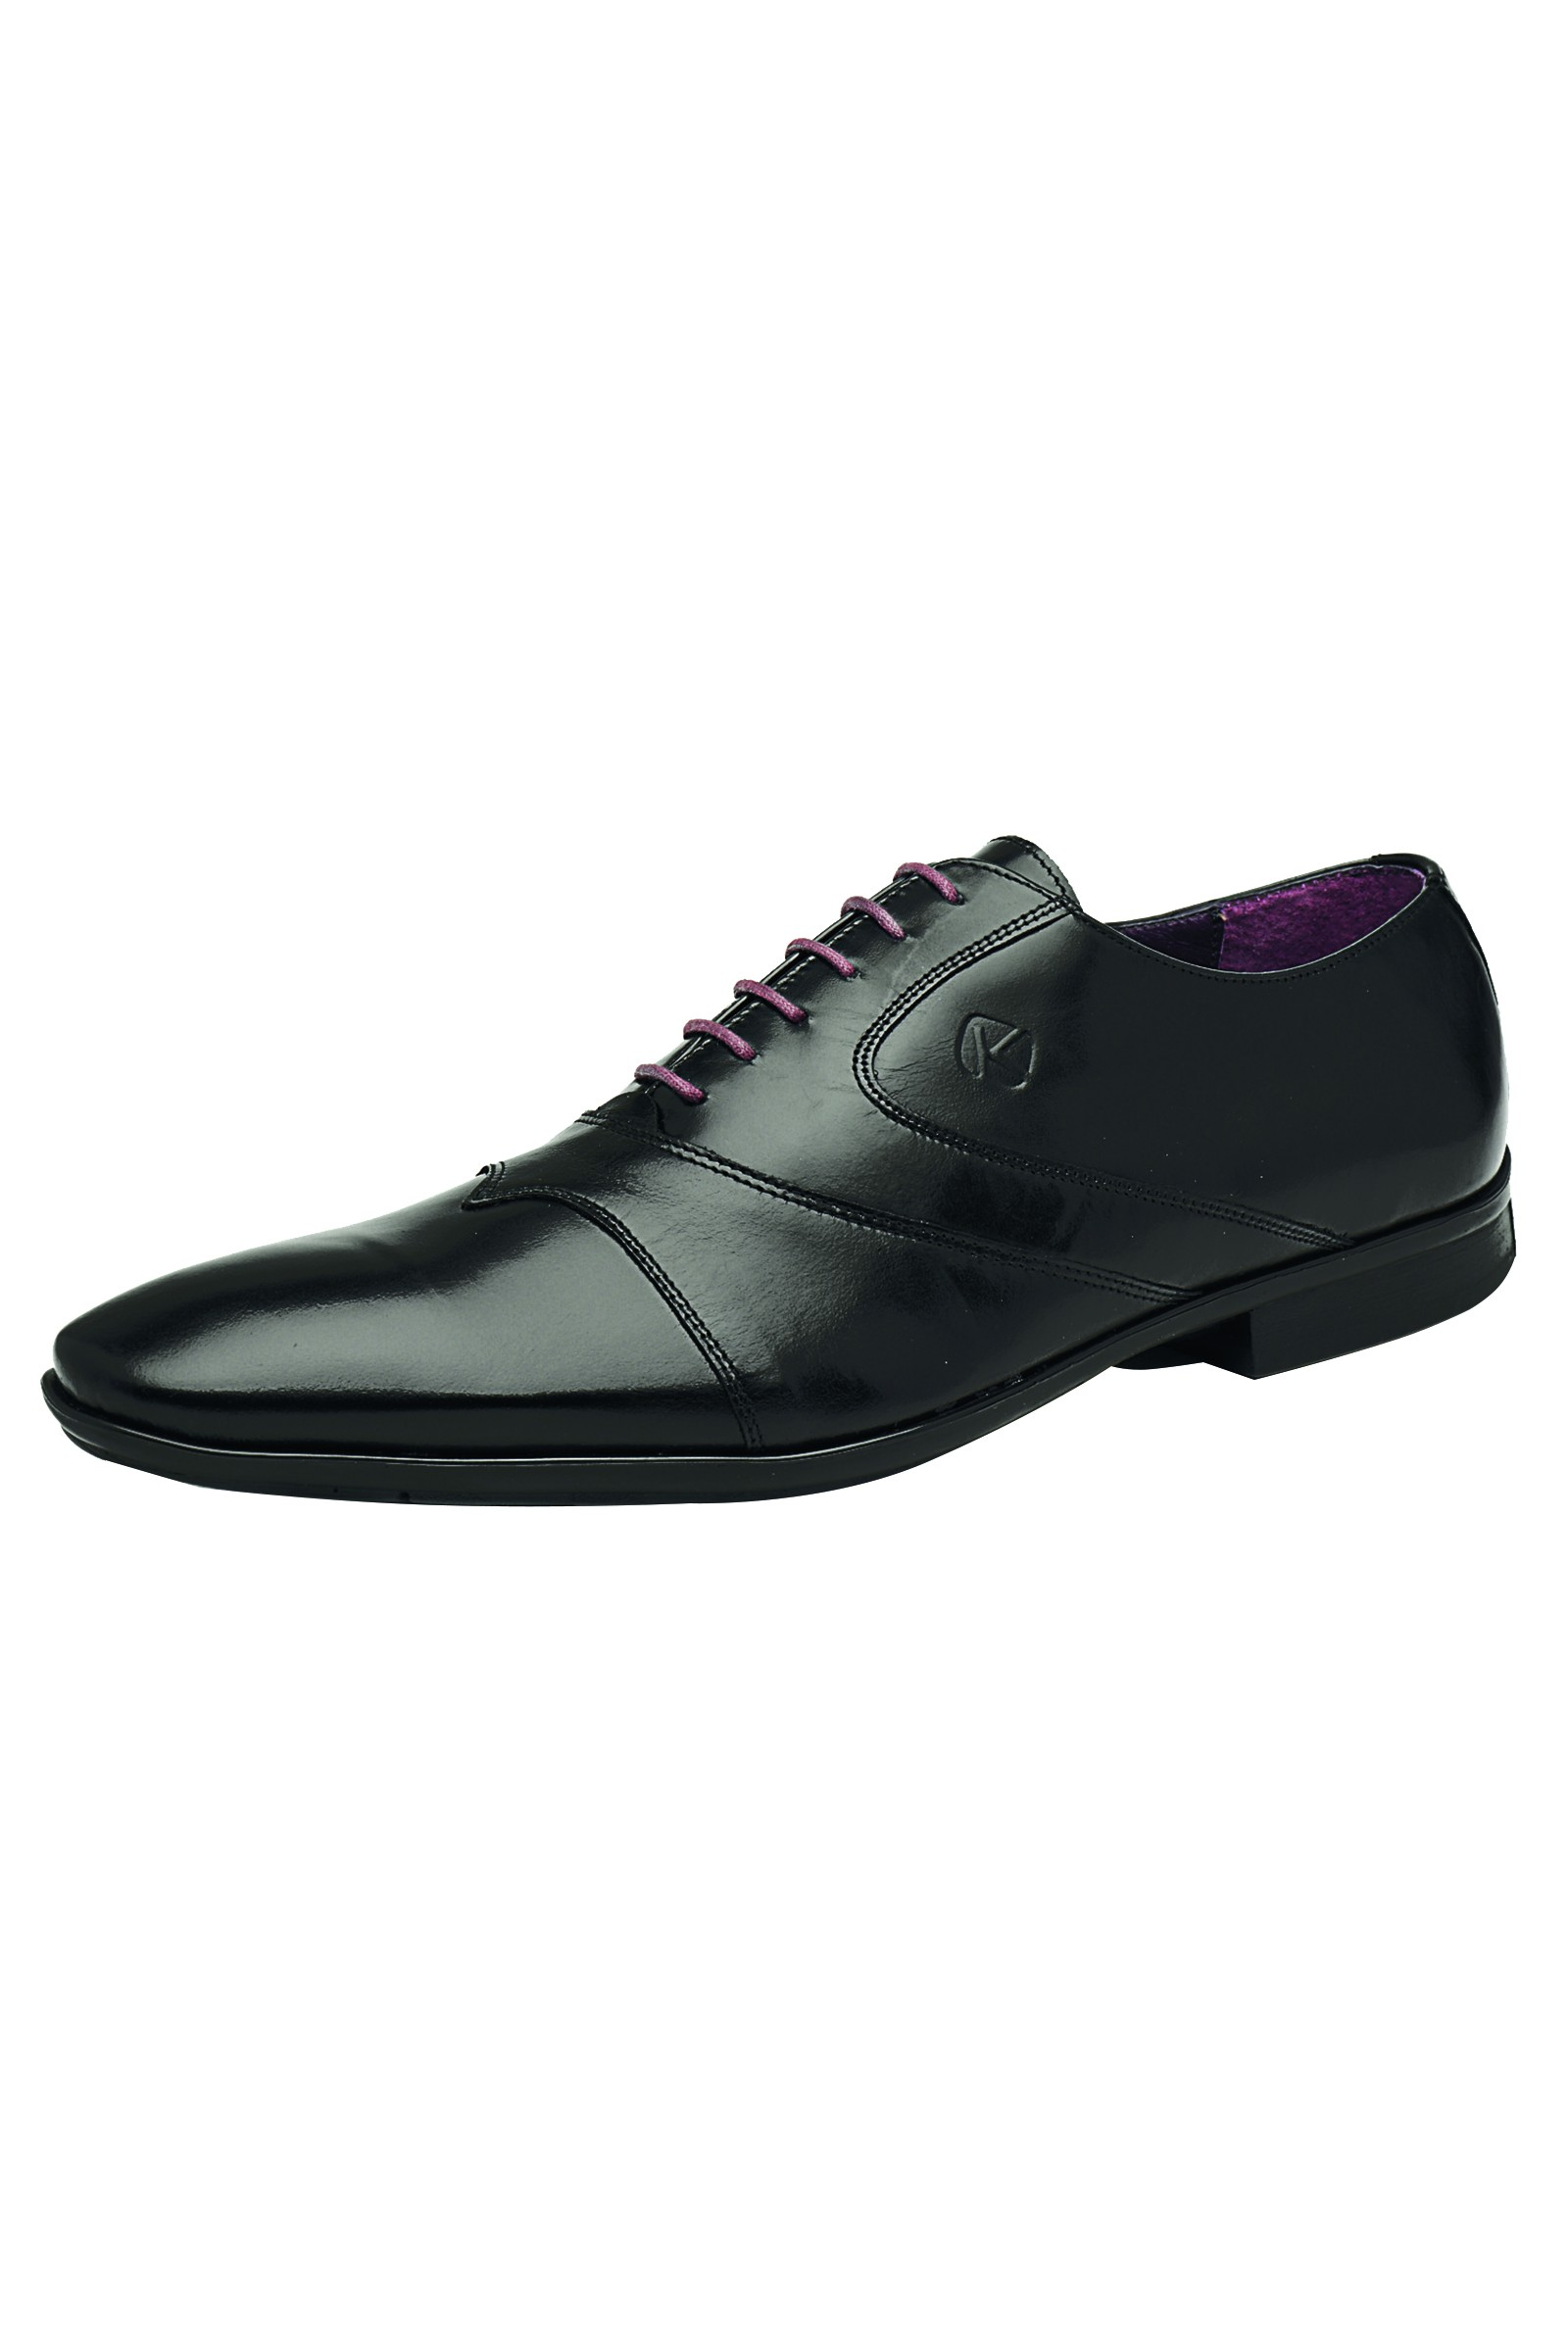 Chaussures addiction : Tous les conseils pour trouver une paire de chaussures facilement